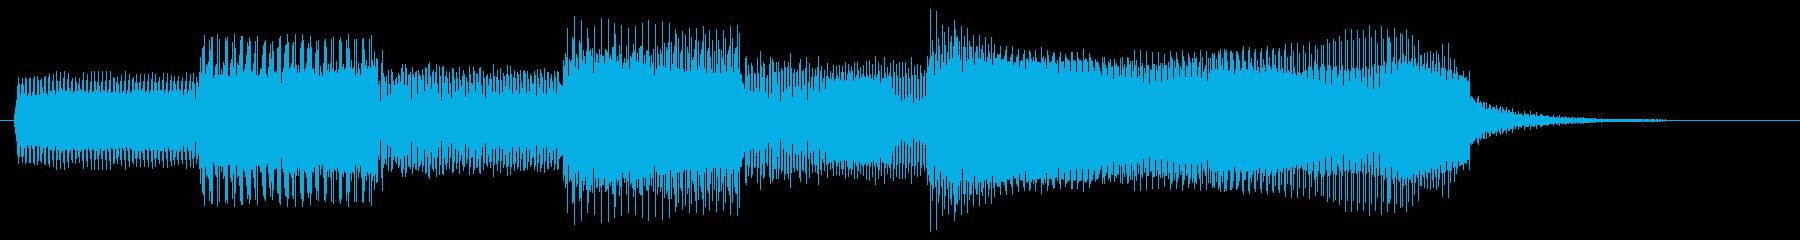 レトロなゲーム風サウンドのゲームクリア音の再生済みの波形